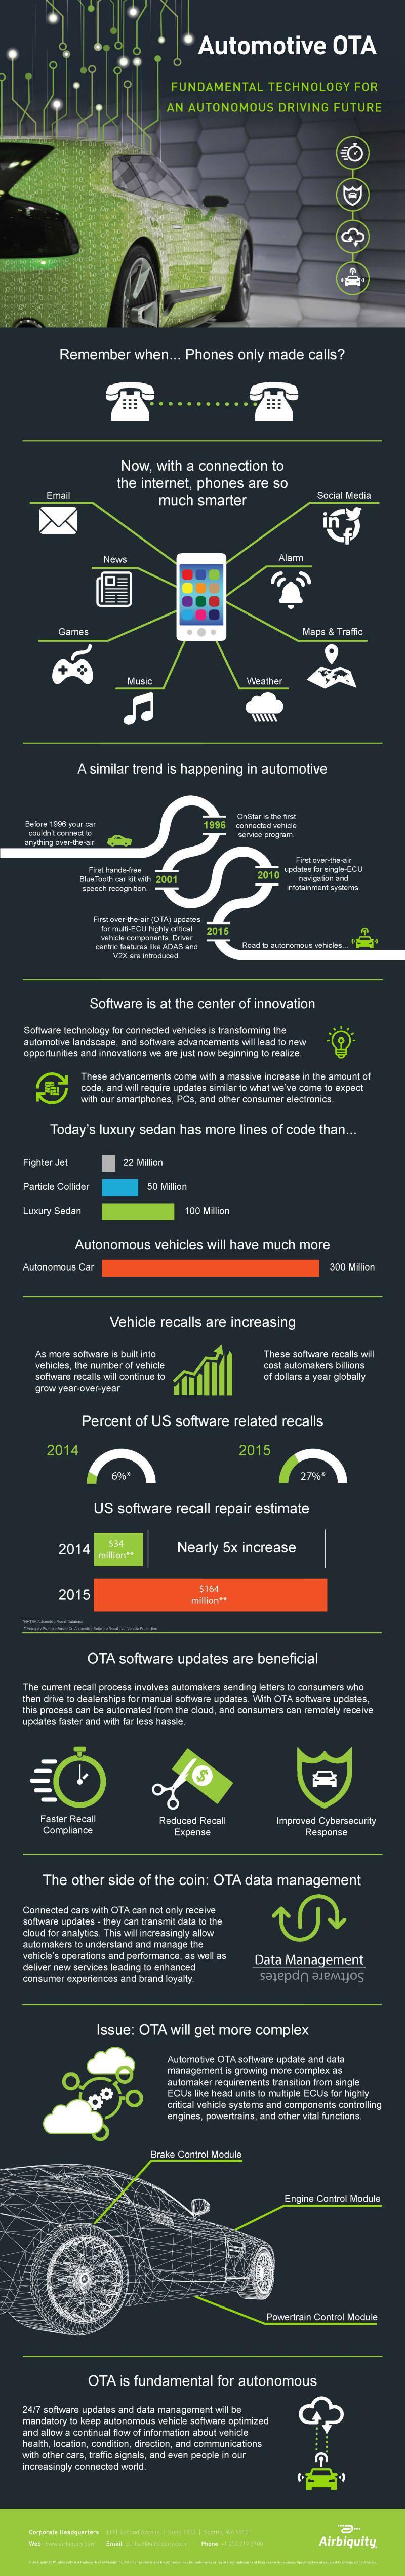 Technology for Autonomous Driving